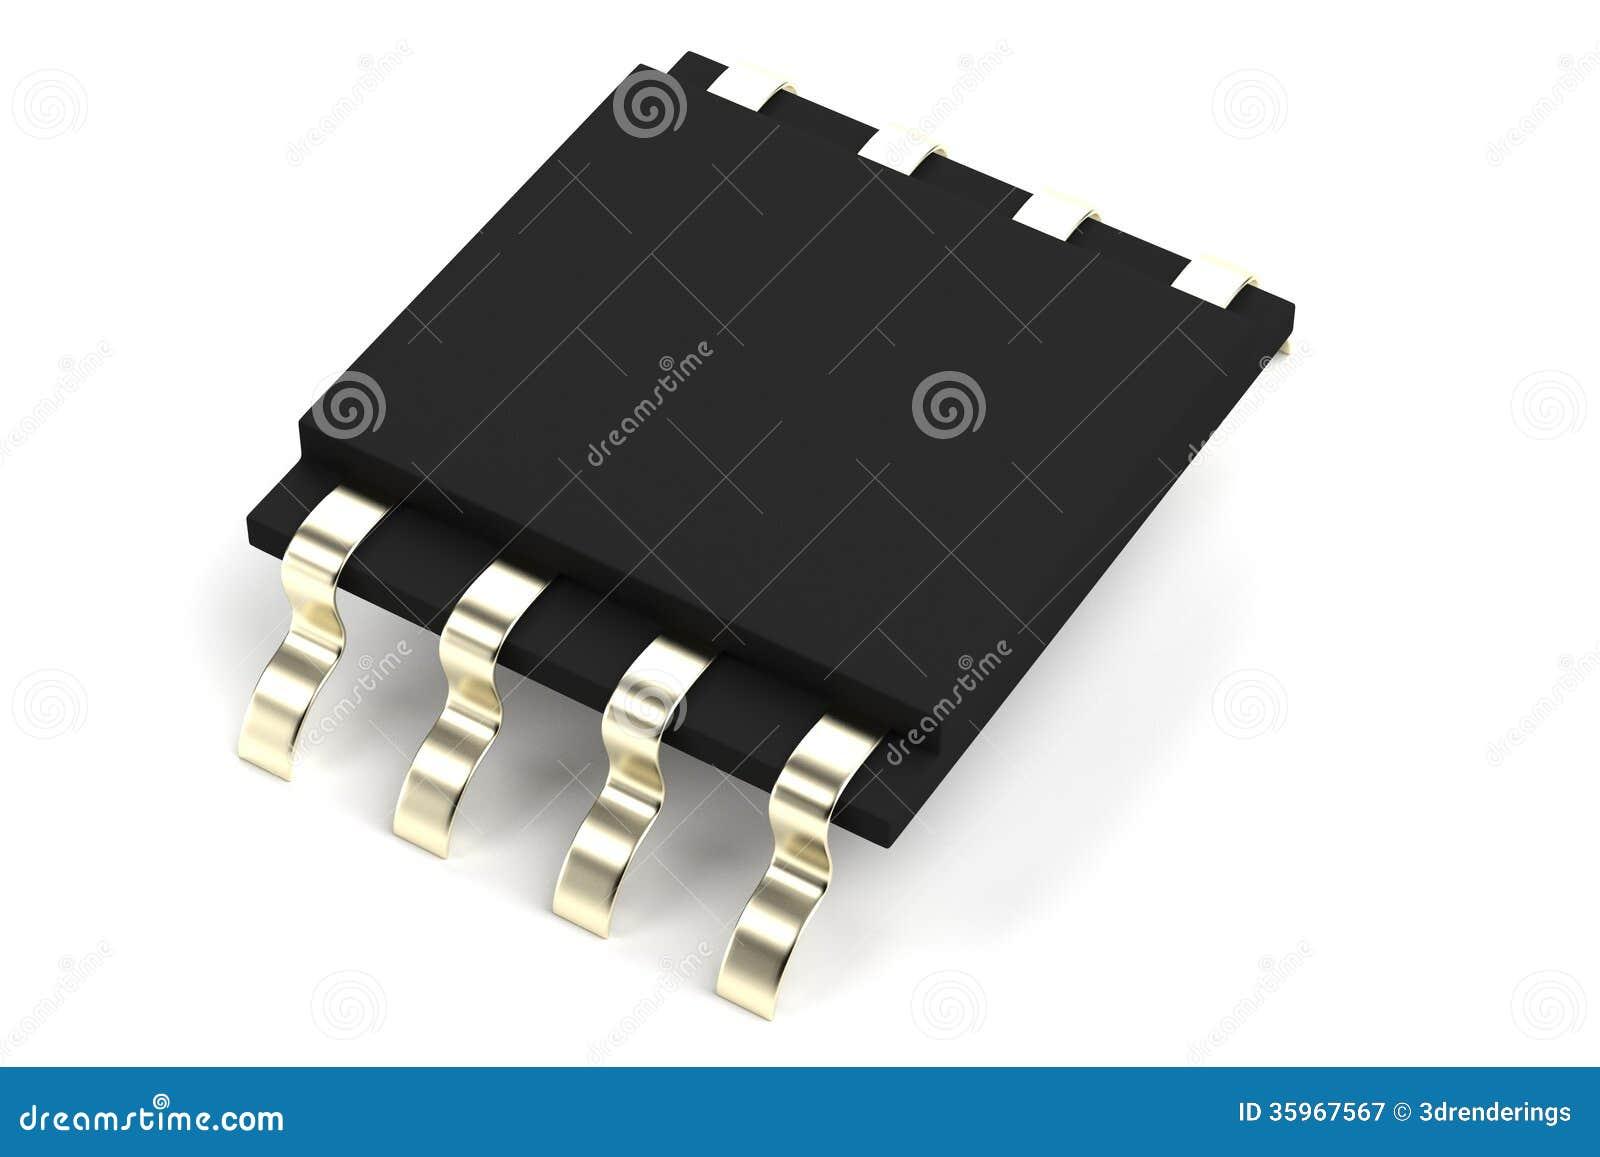 Rinda de componente electrónico